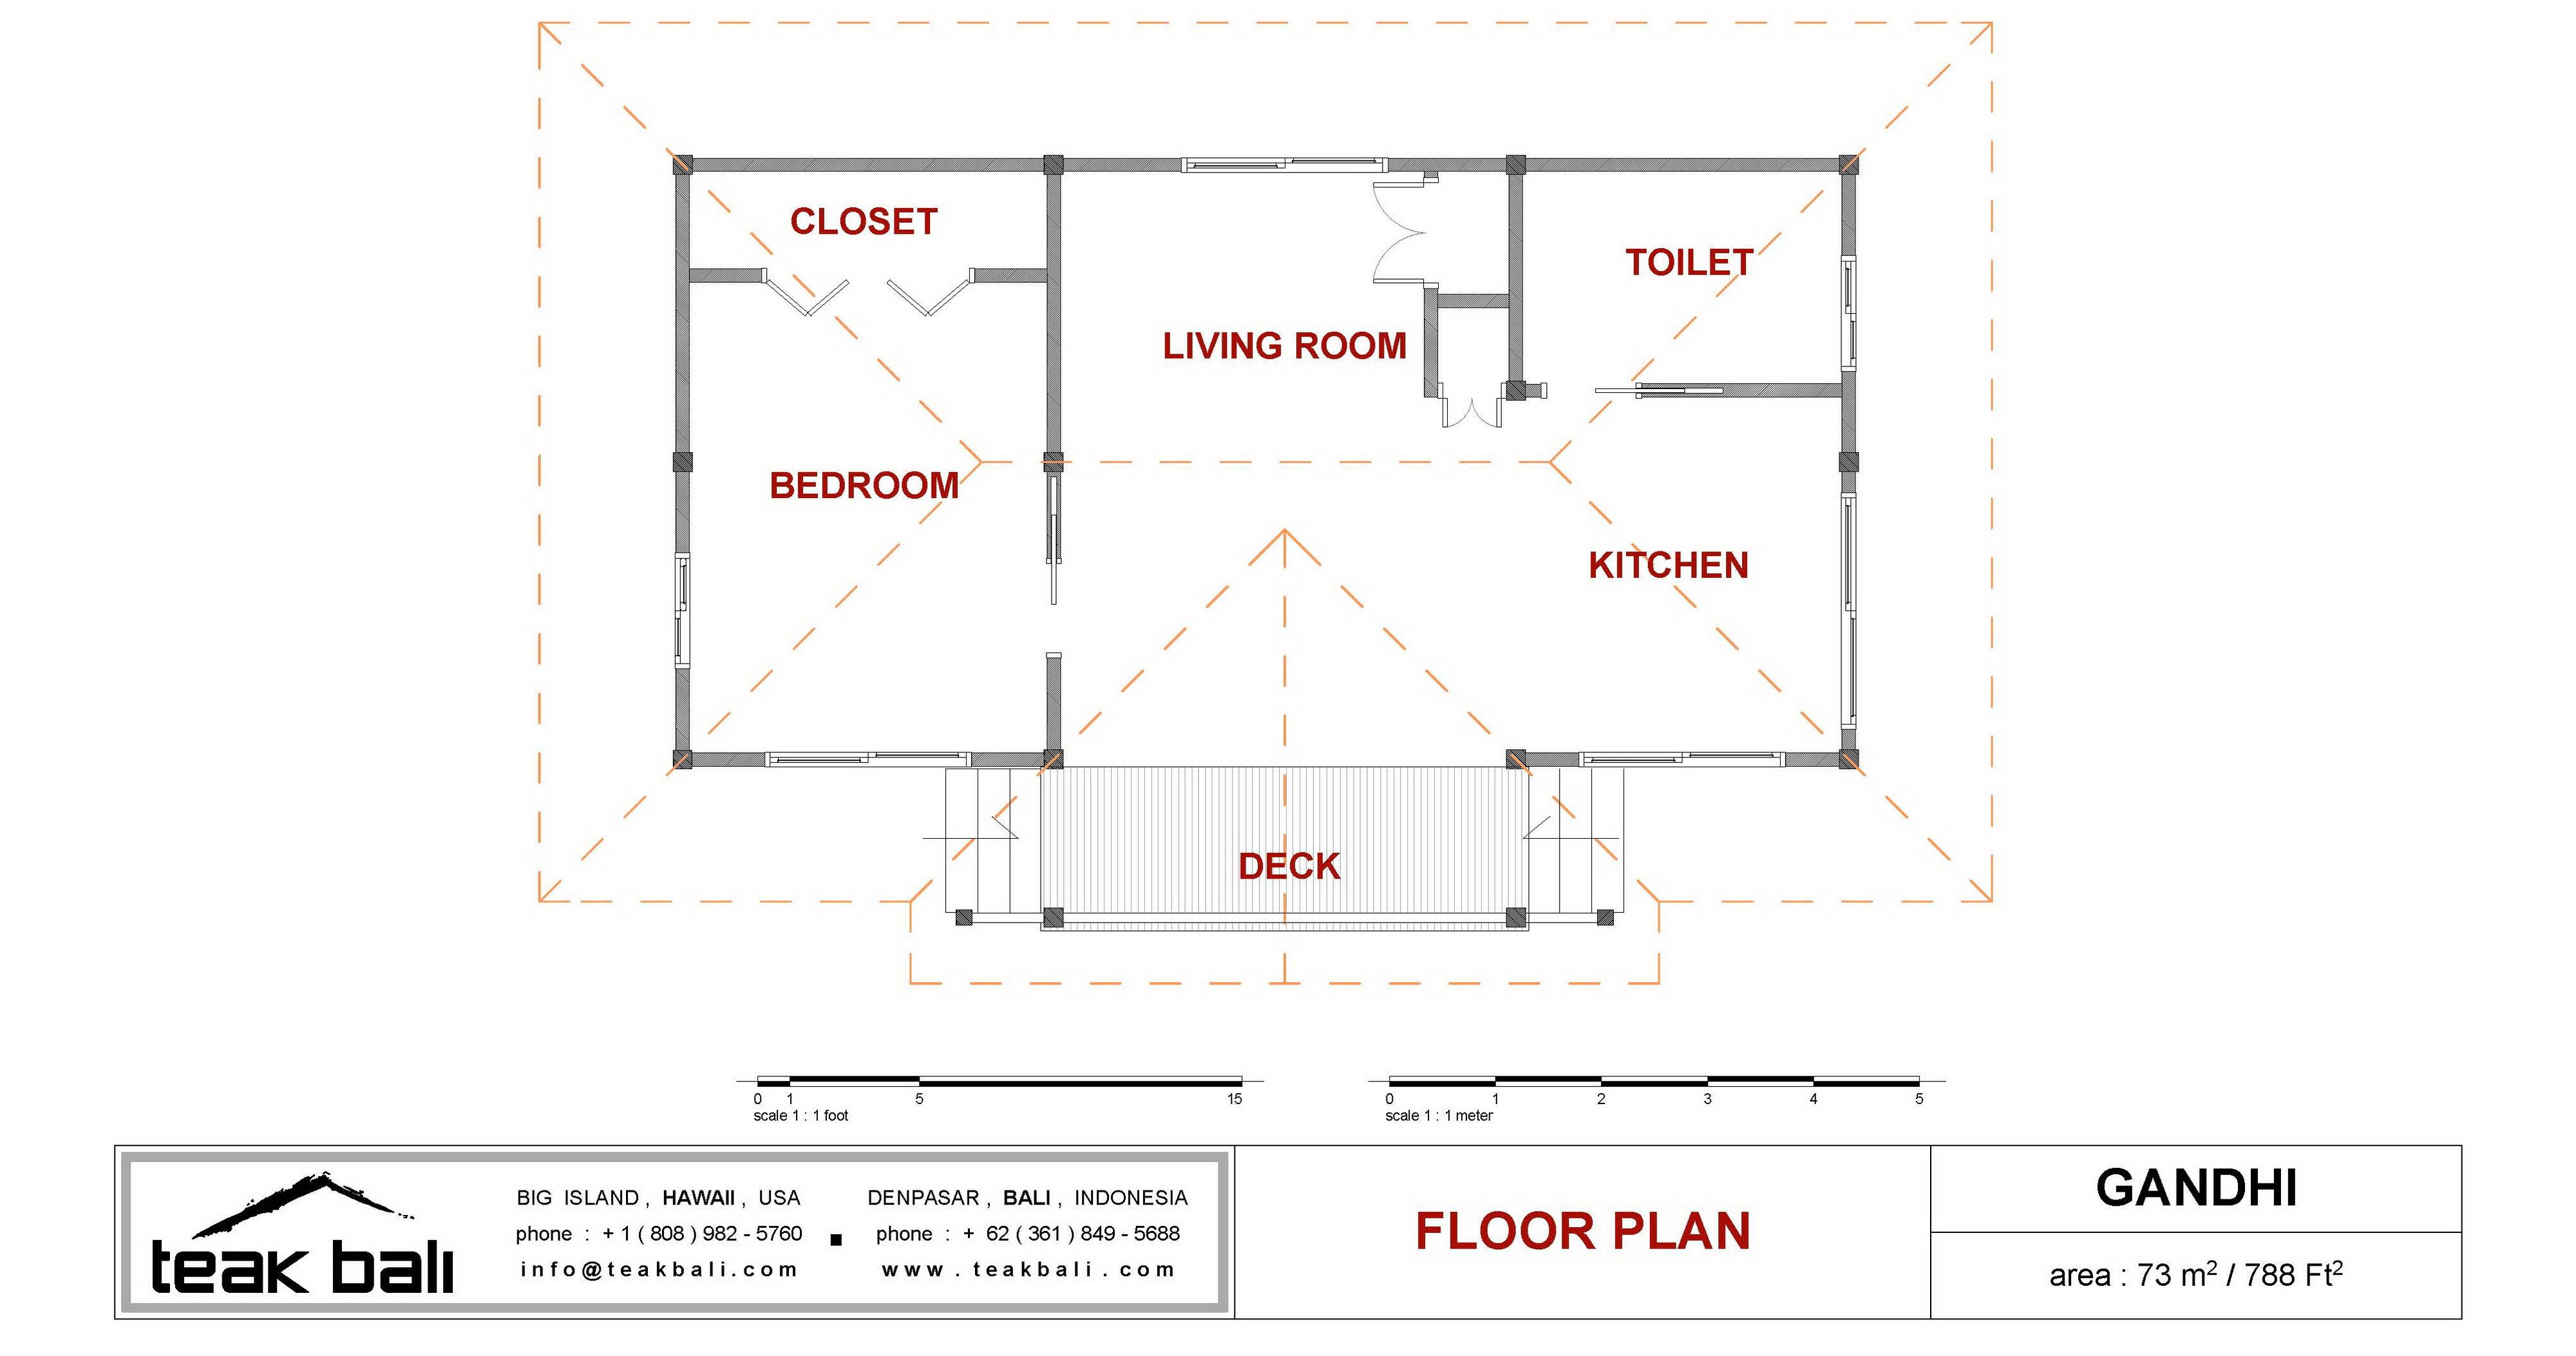 1 bedroom floor plans